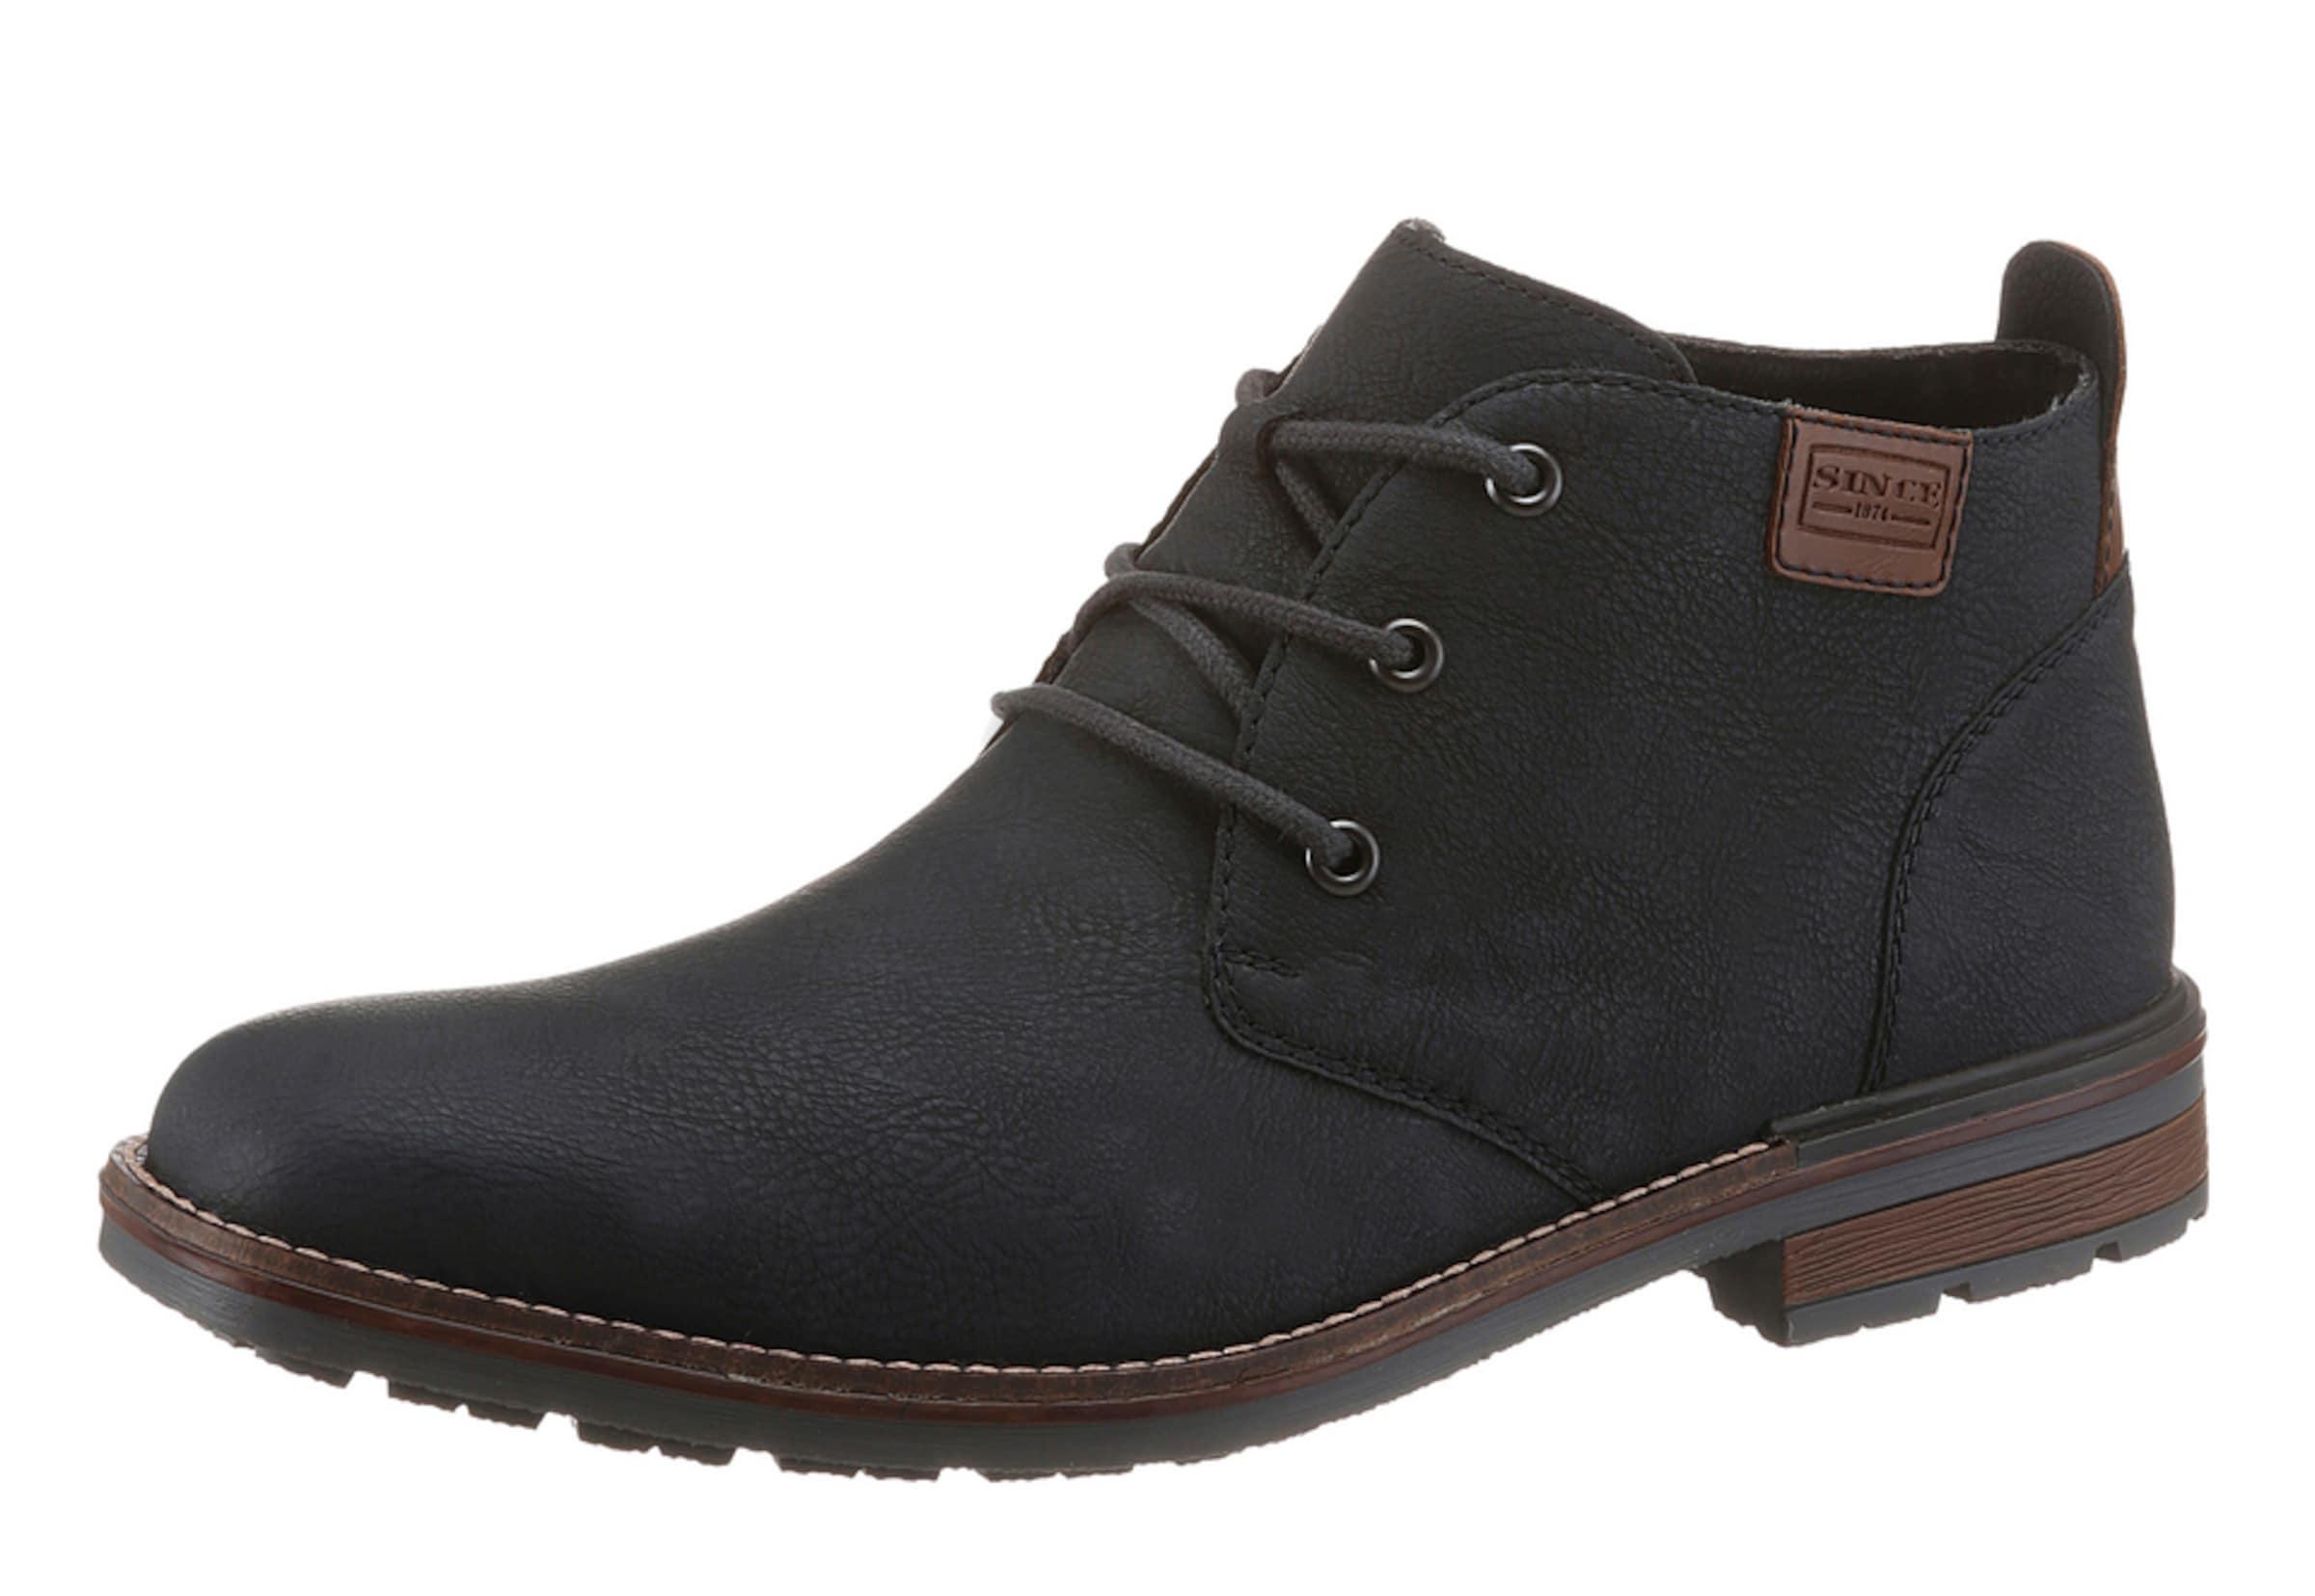 RIEKER Schnürboots Günstige und langlebige Schuhe